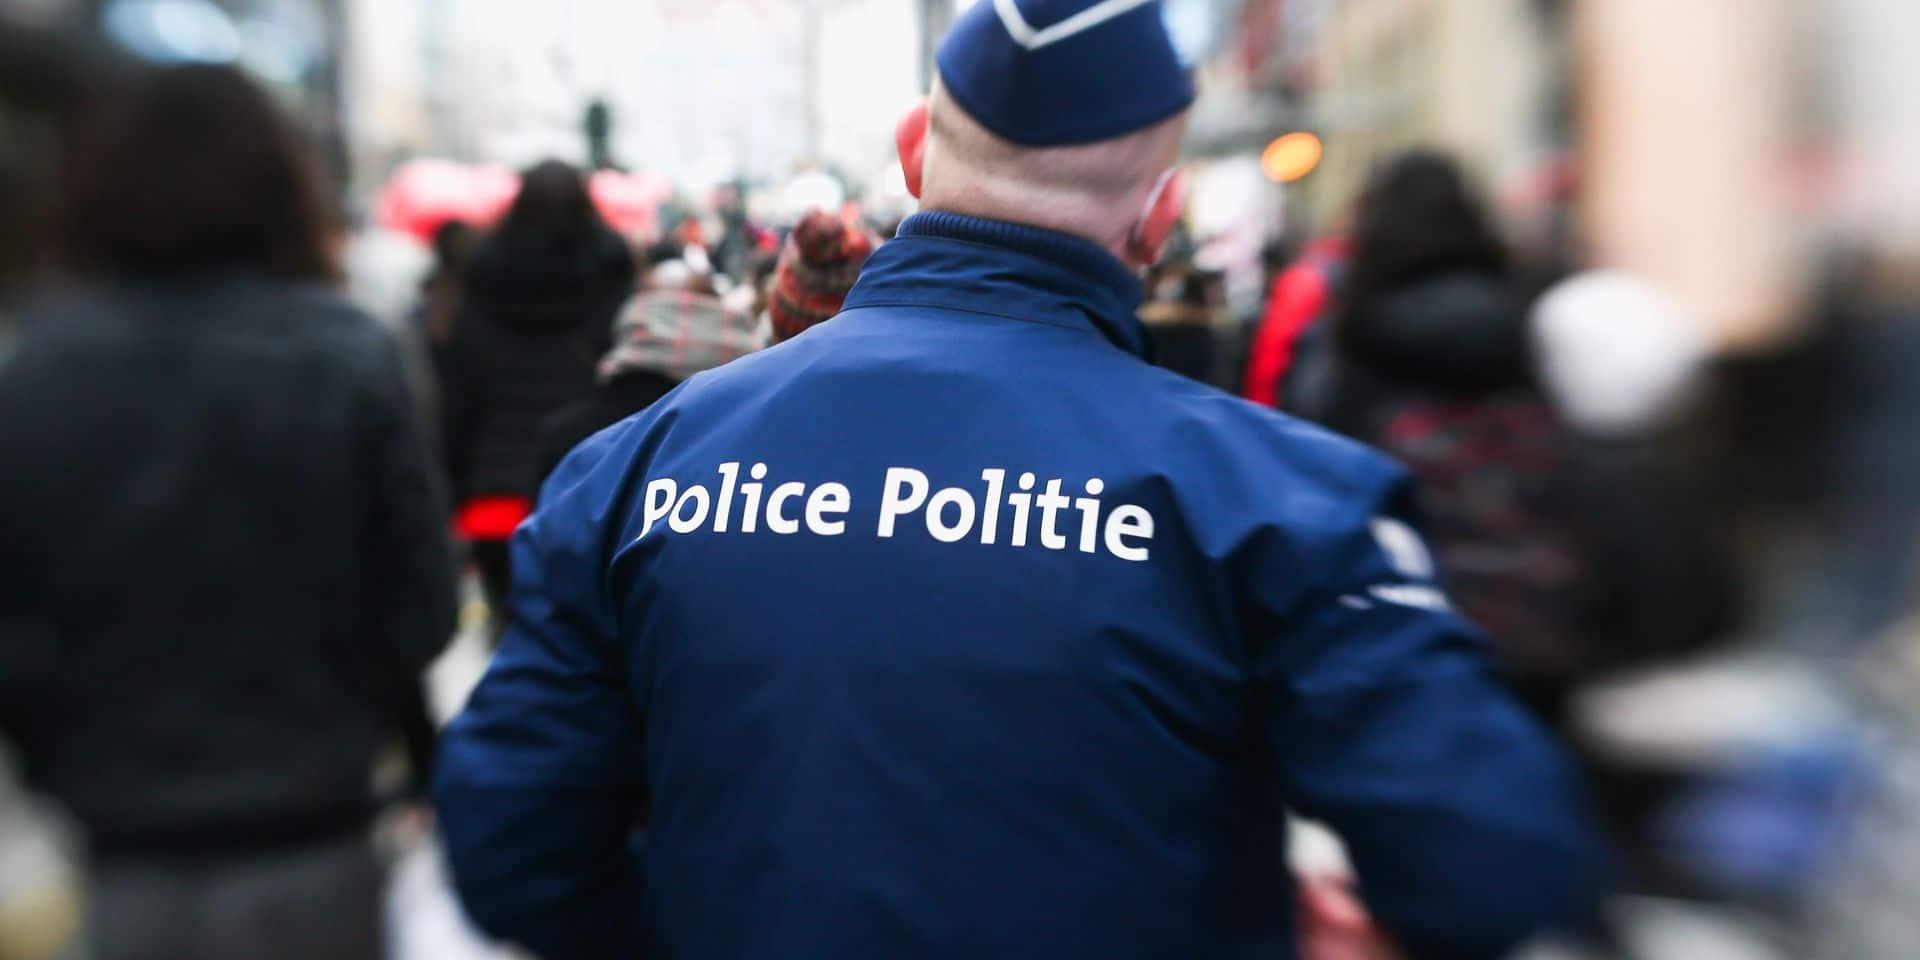 La violence à l'encontre des agents à un niveau record en 2020, selon la police